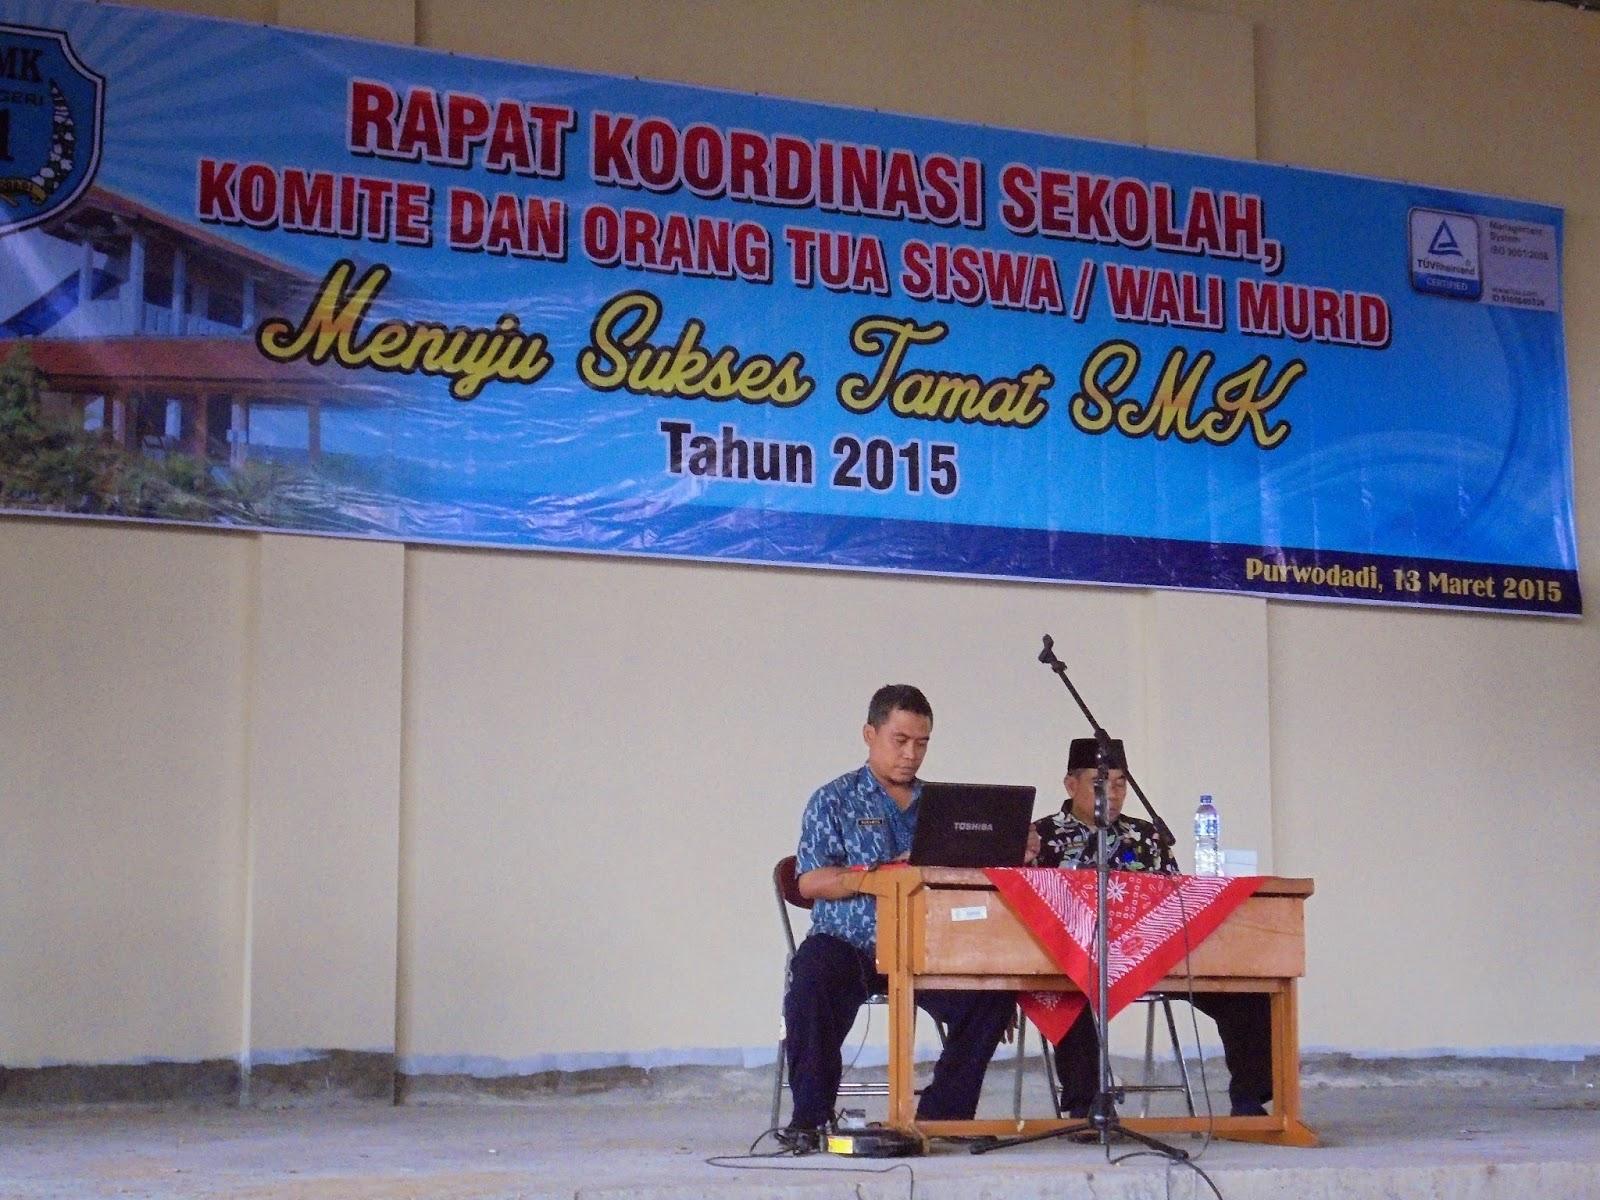 Rapat Koordinasi Sekolah Komite Dan Wali Murid Smkn 1 Purwodadi